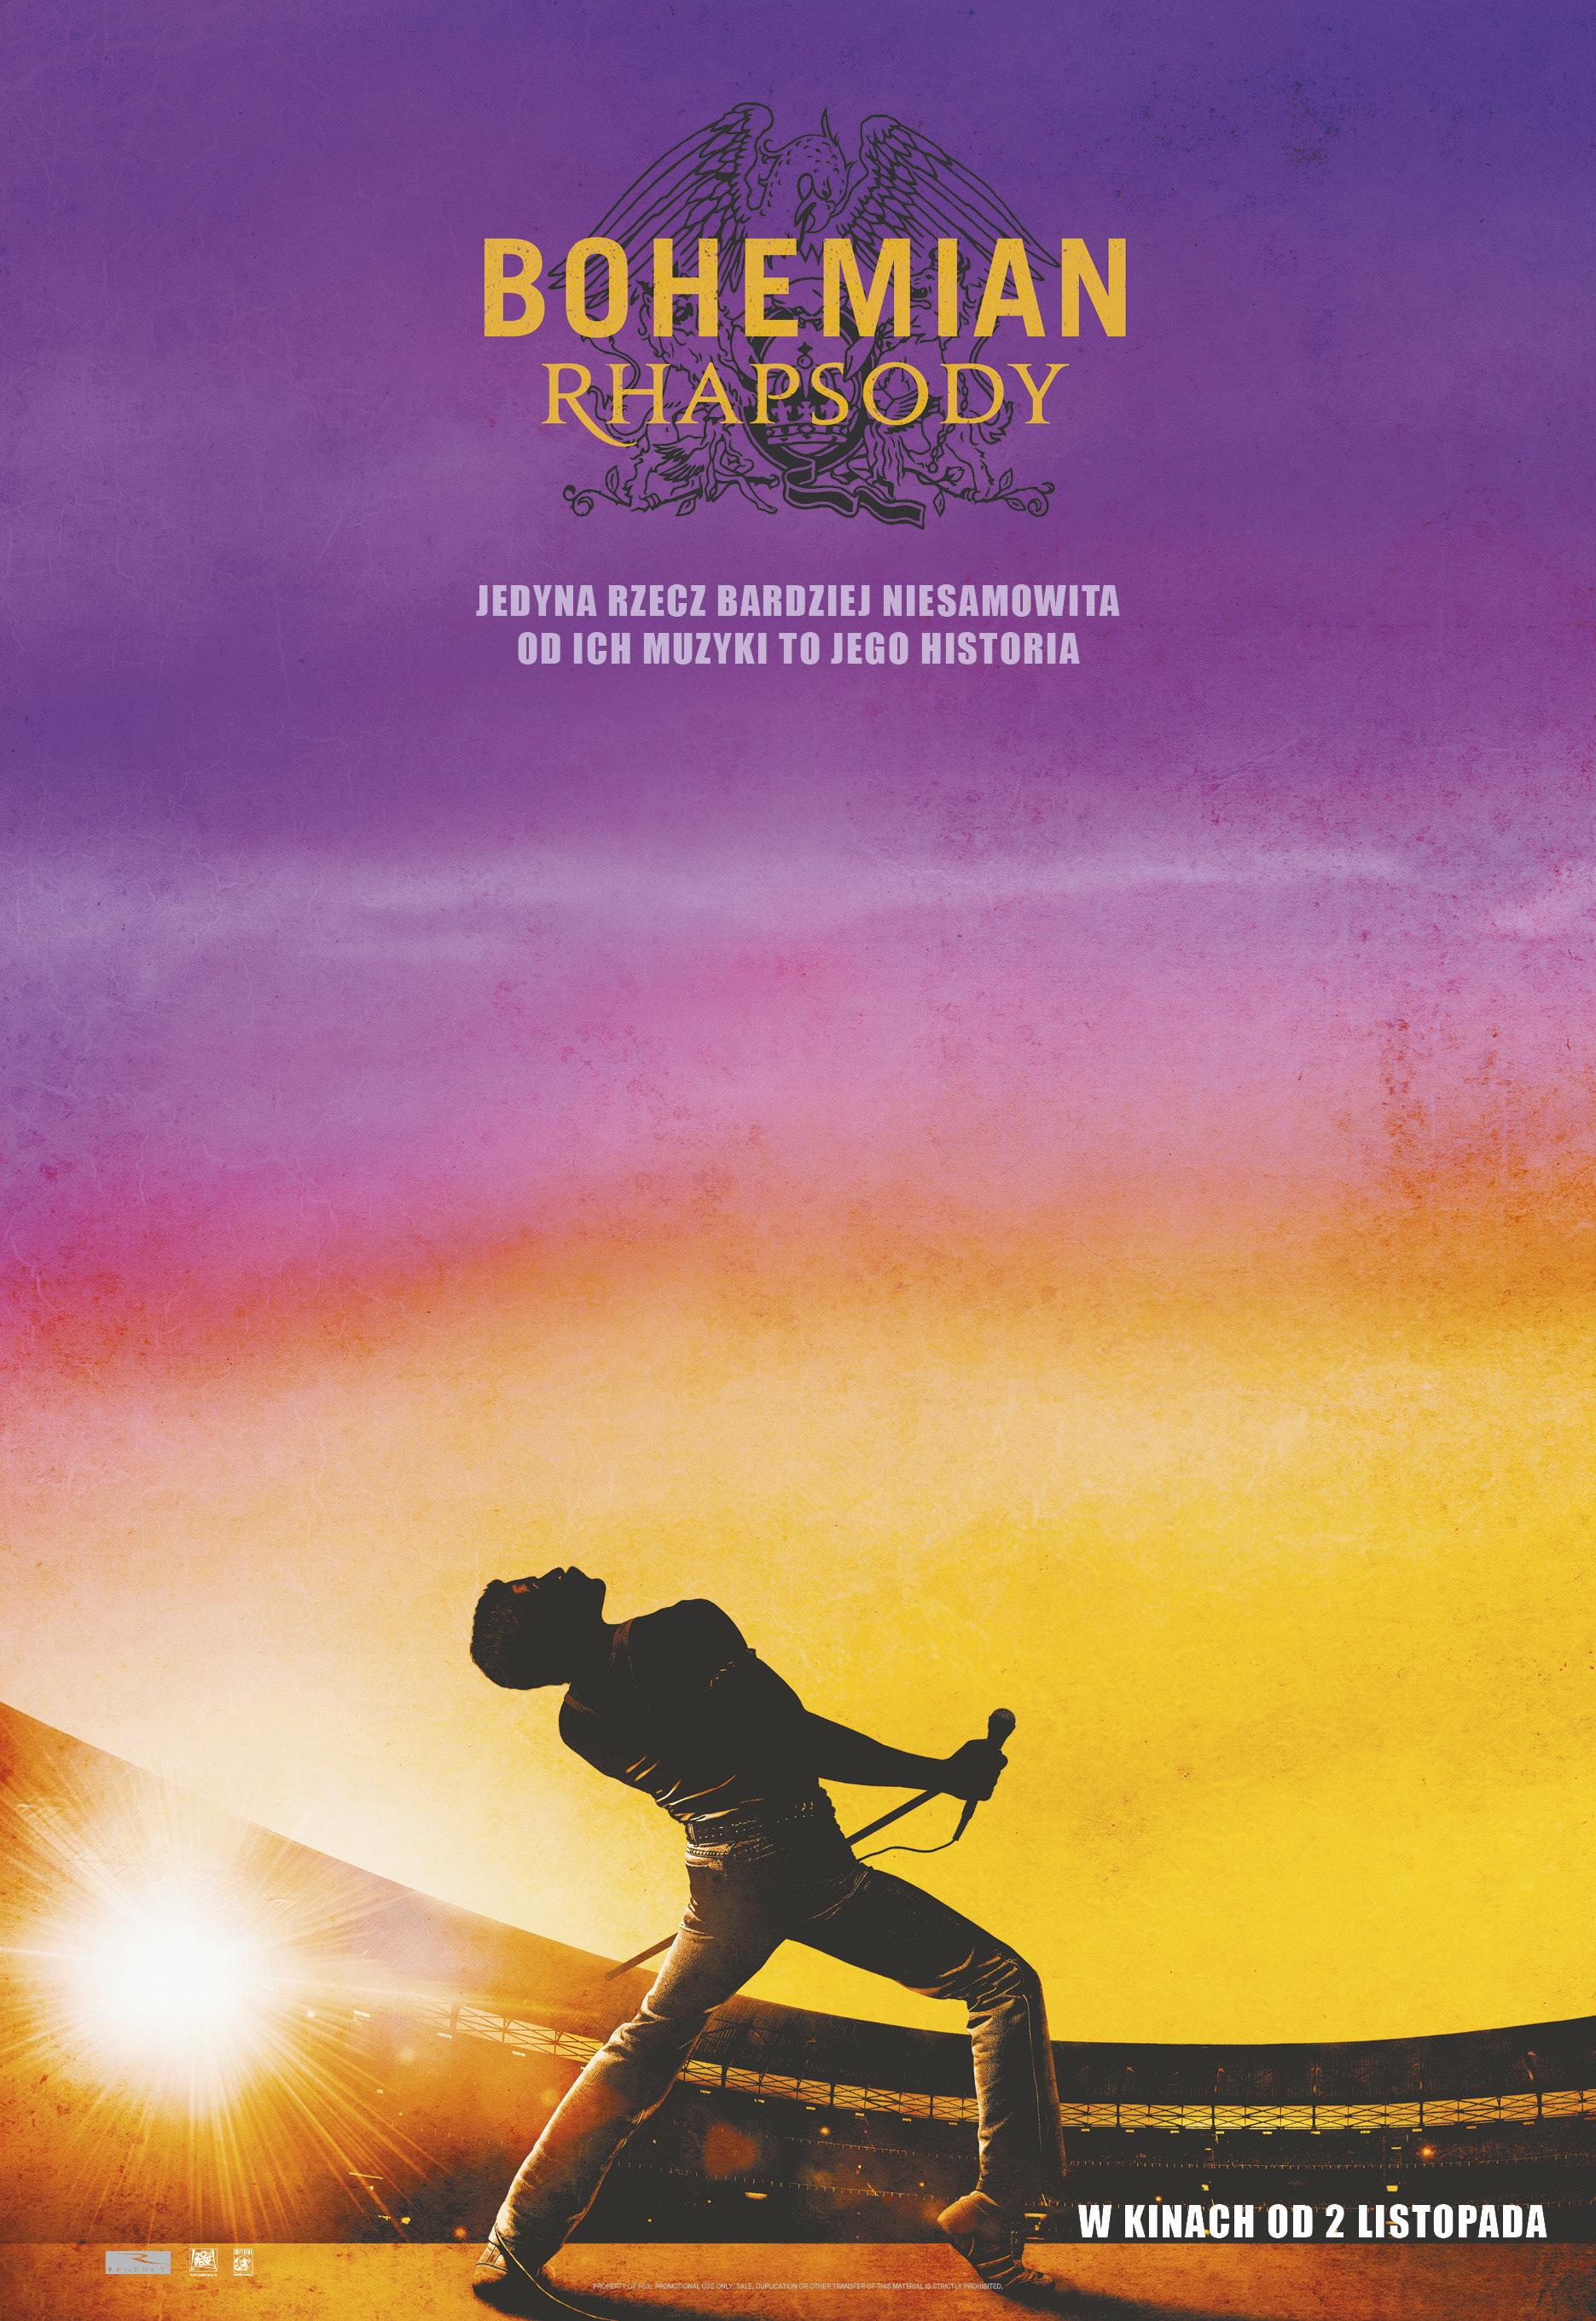 Bohemian_Rhapsody1